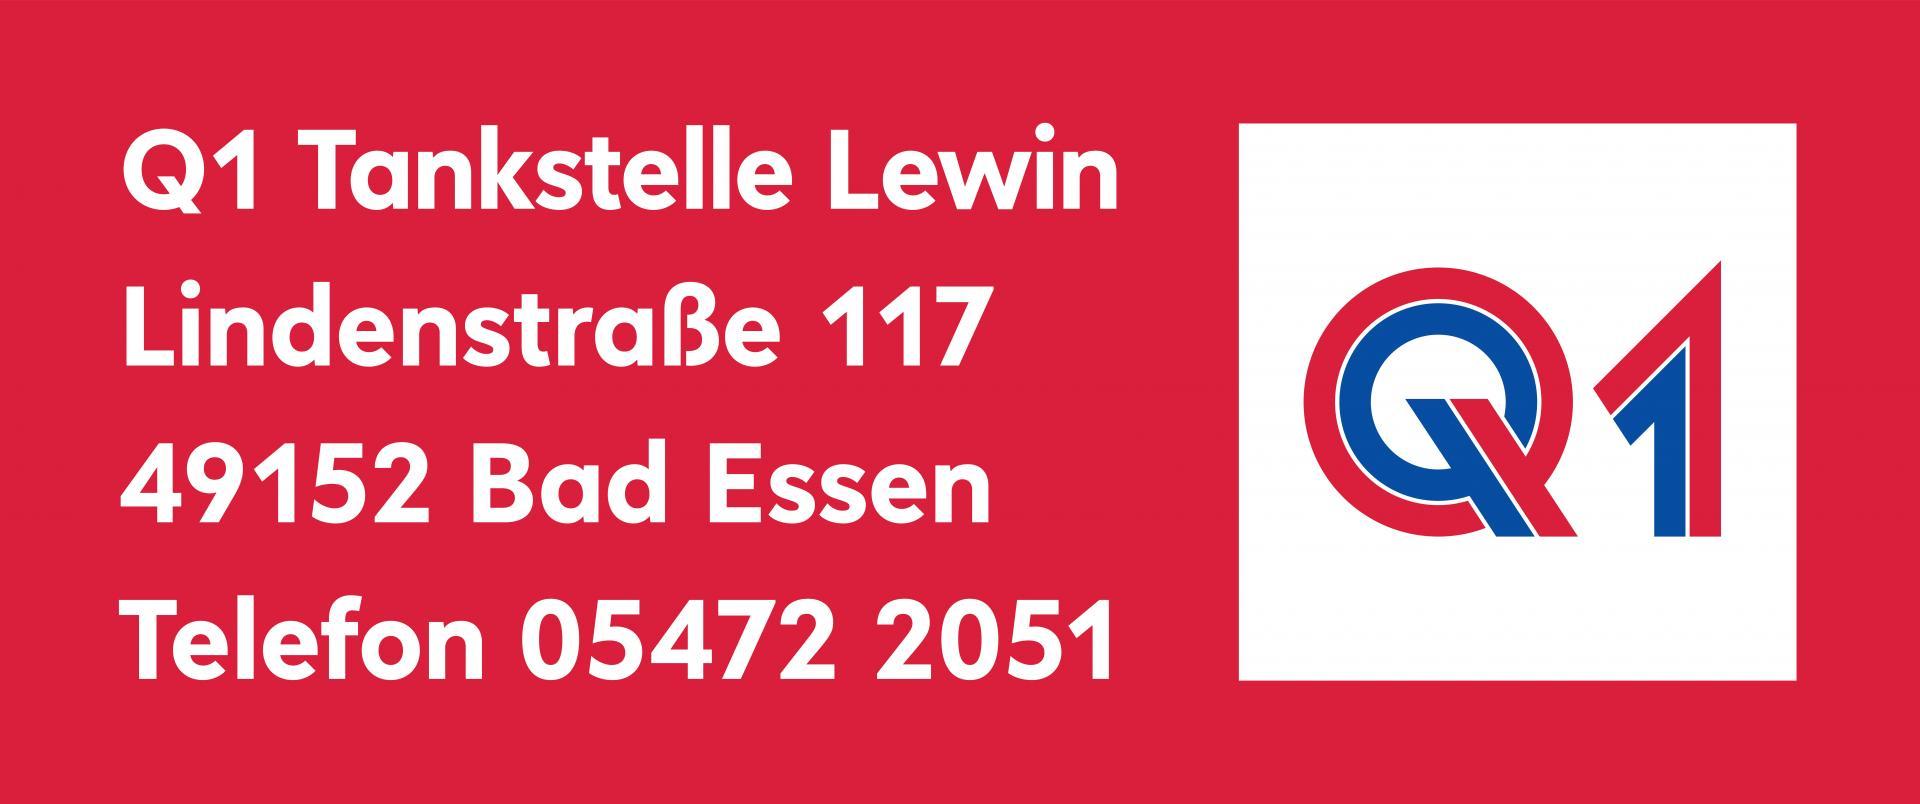 Lewin Q1